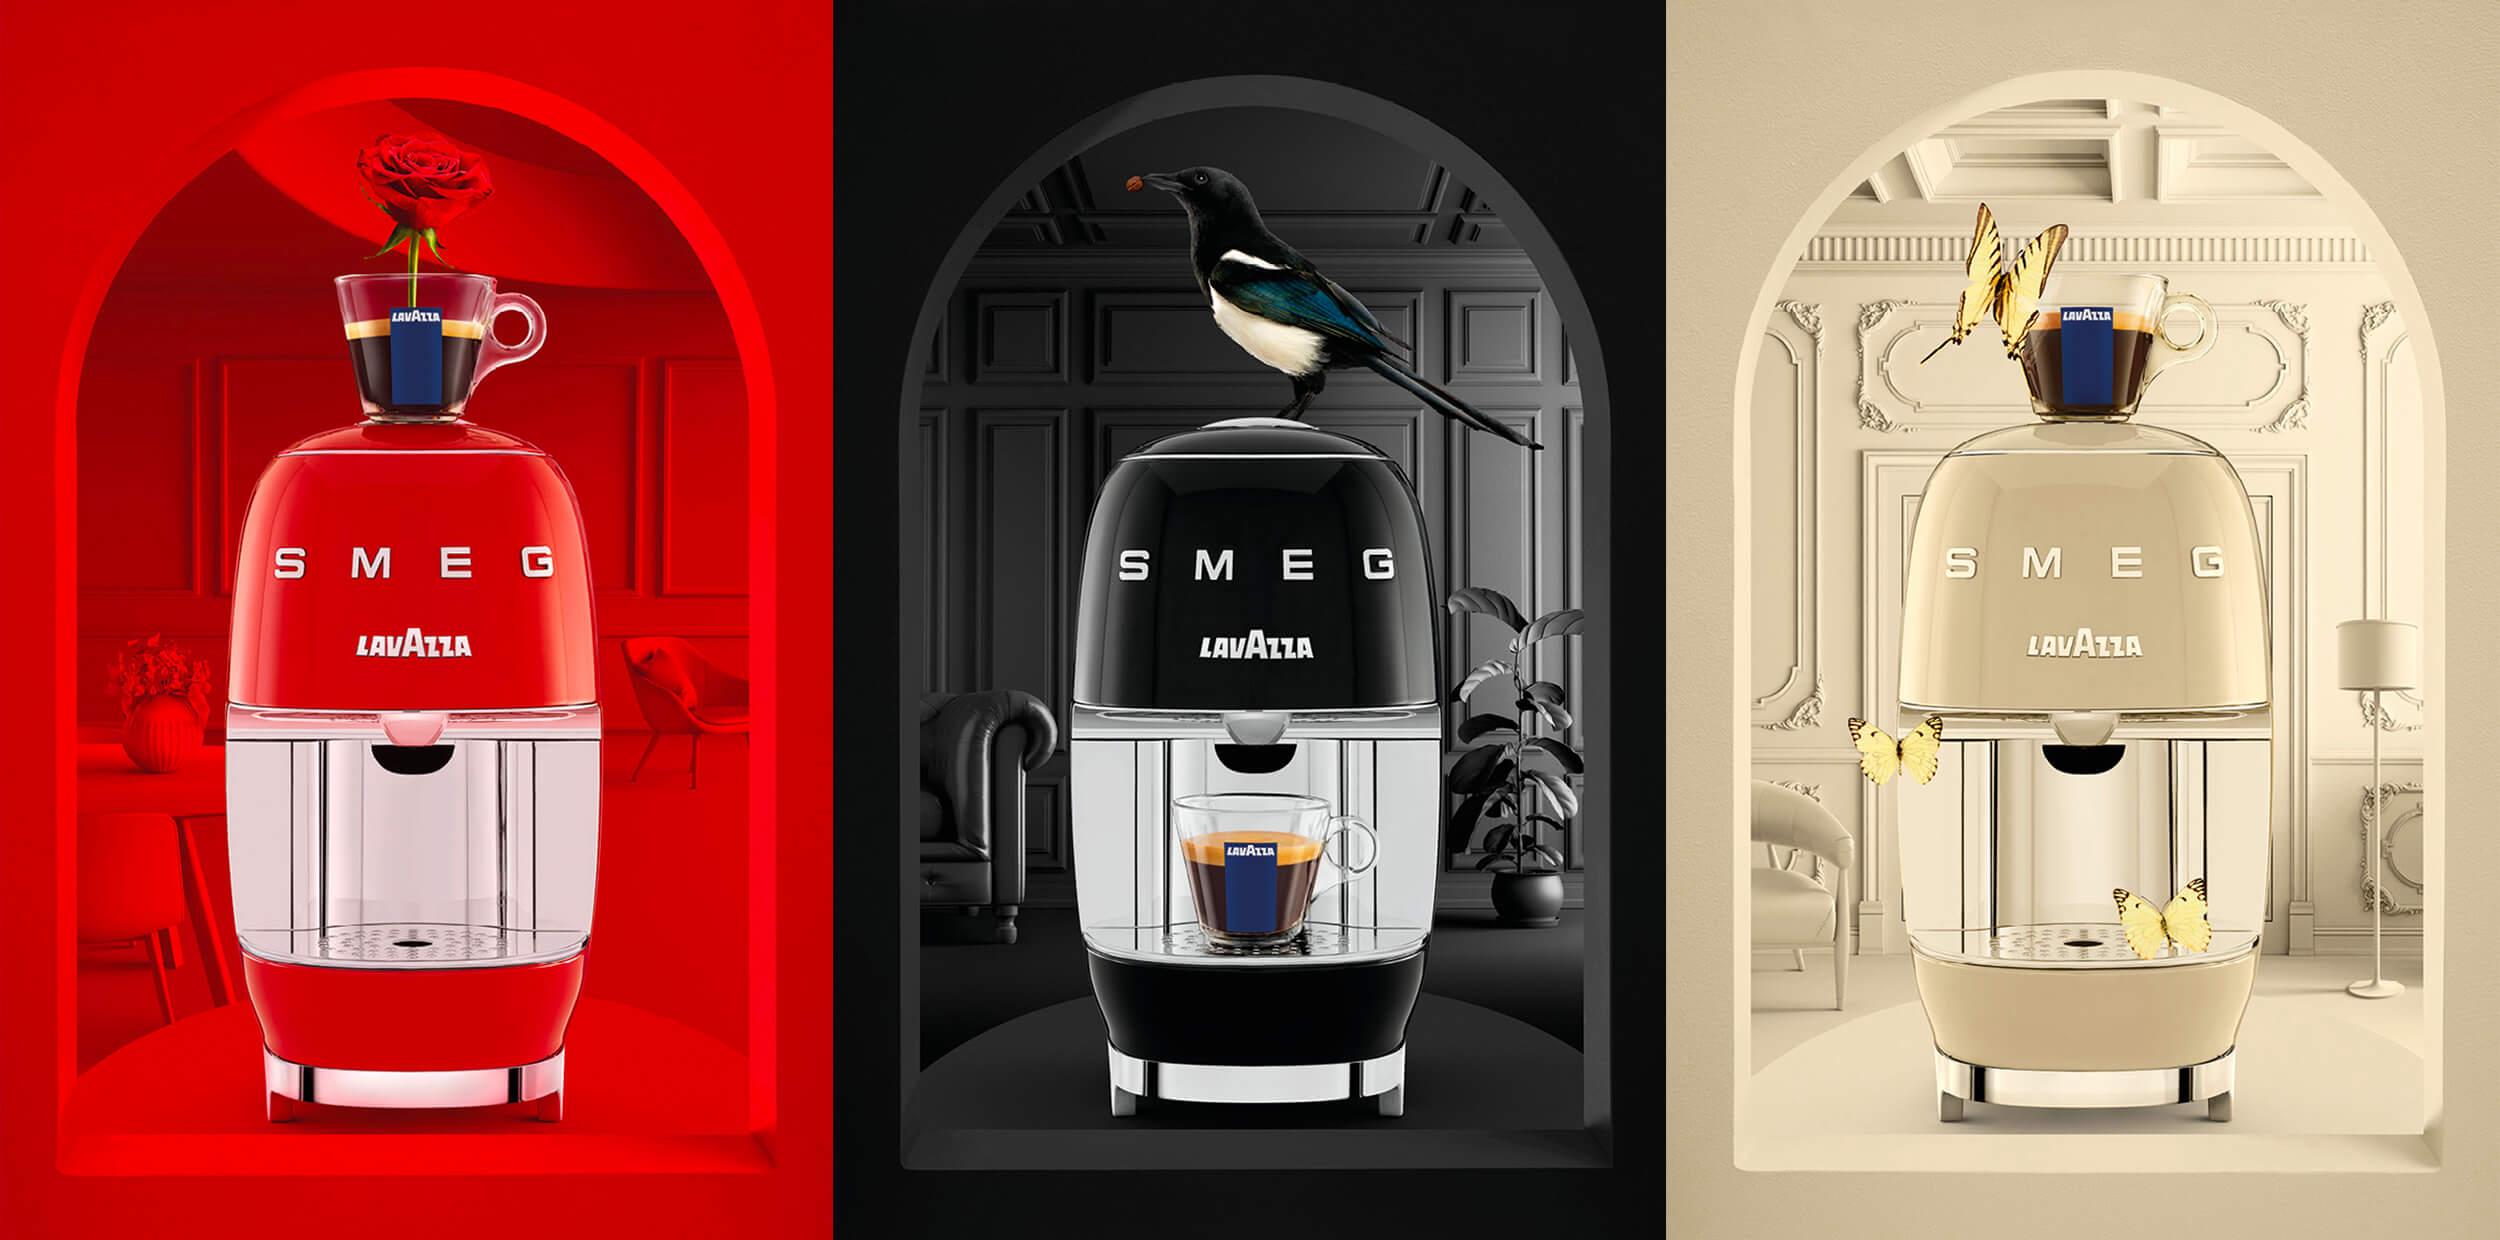 Lavazza pod coffee machine in 3 colours